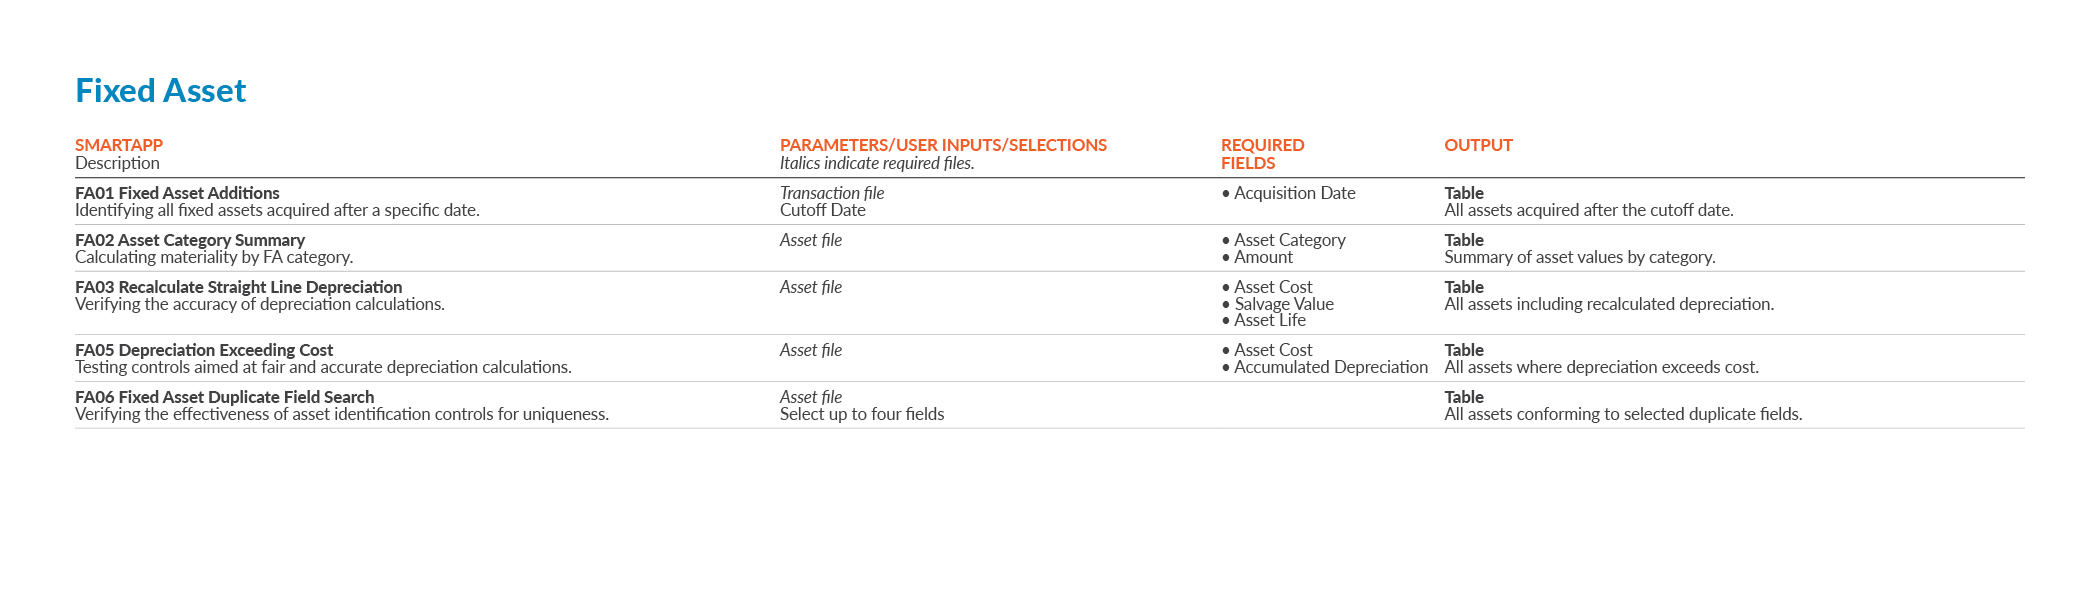 SmartApps_fixed-asset